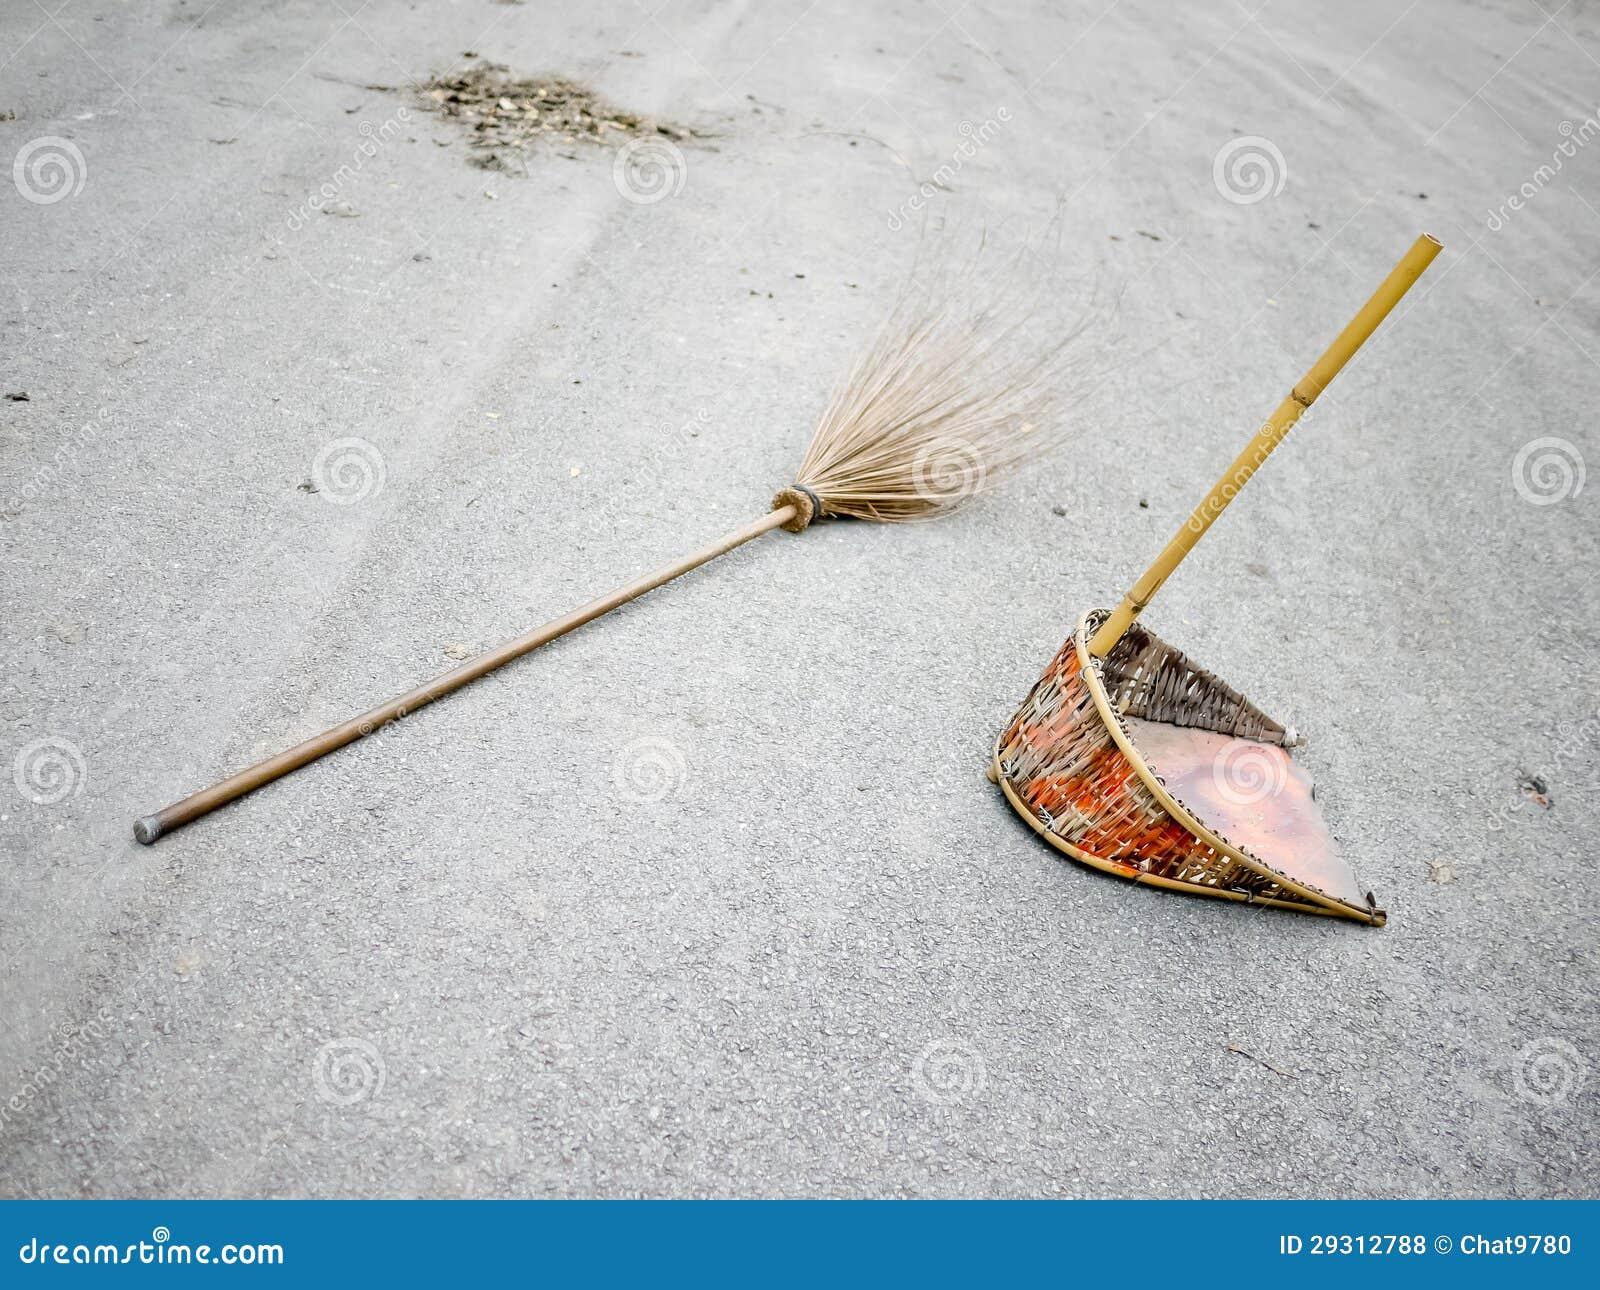 Fotos De Stock Chat9780: Broomstick E Dustpan Na Rua Foto De Stock